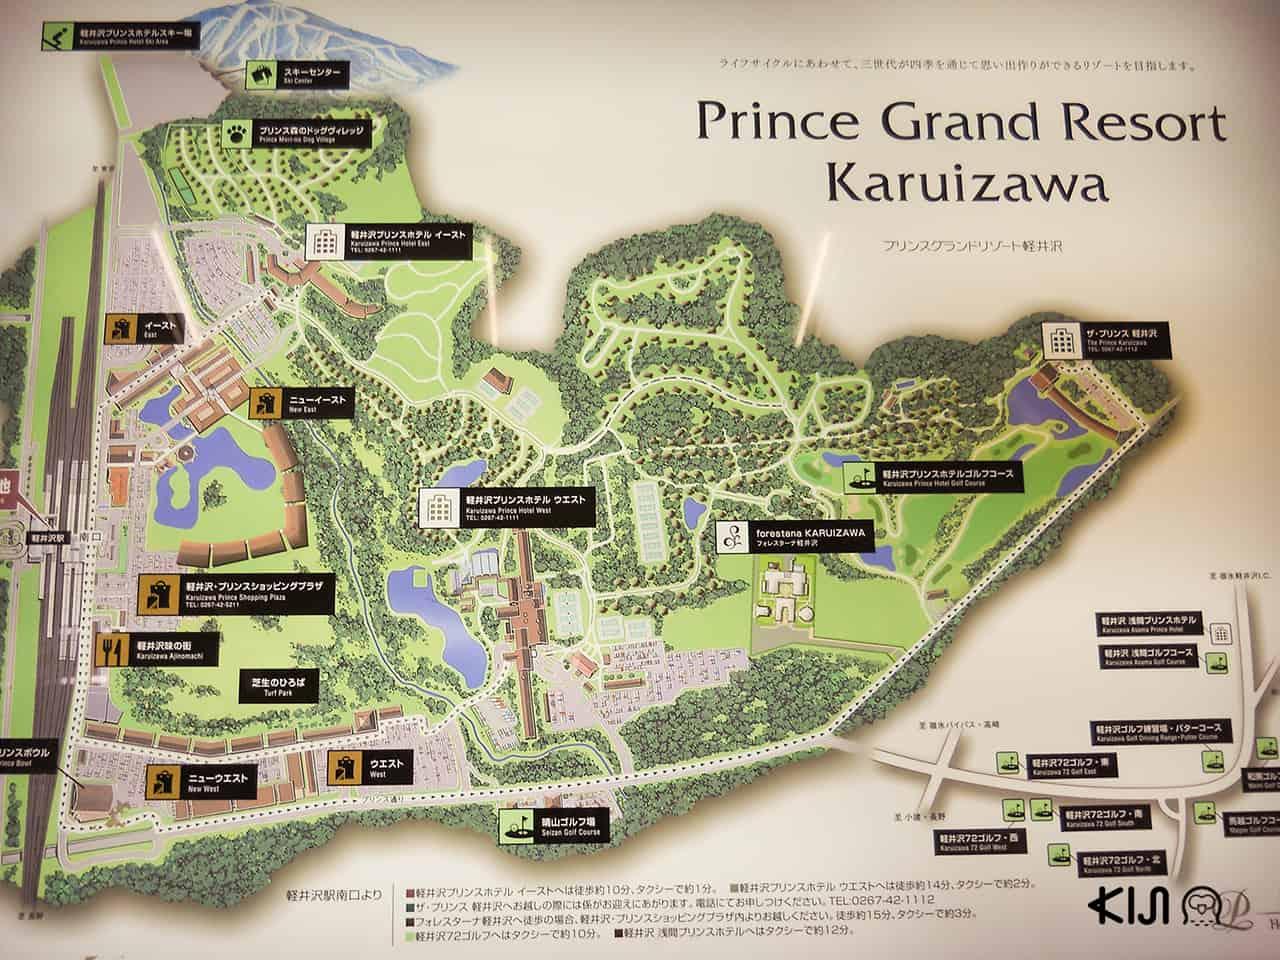 แผนที่ Prince Grand Resort Karuizawa